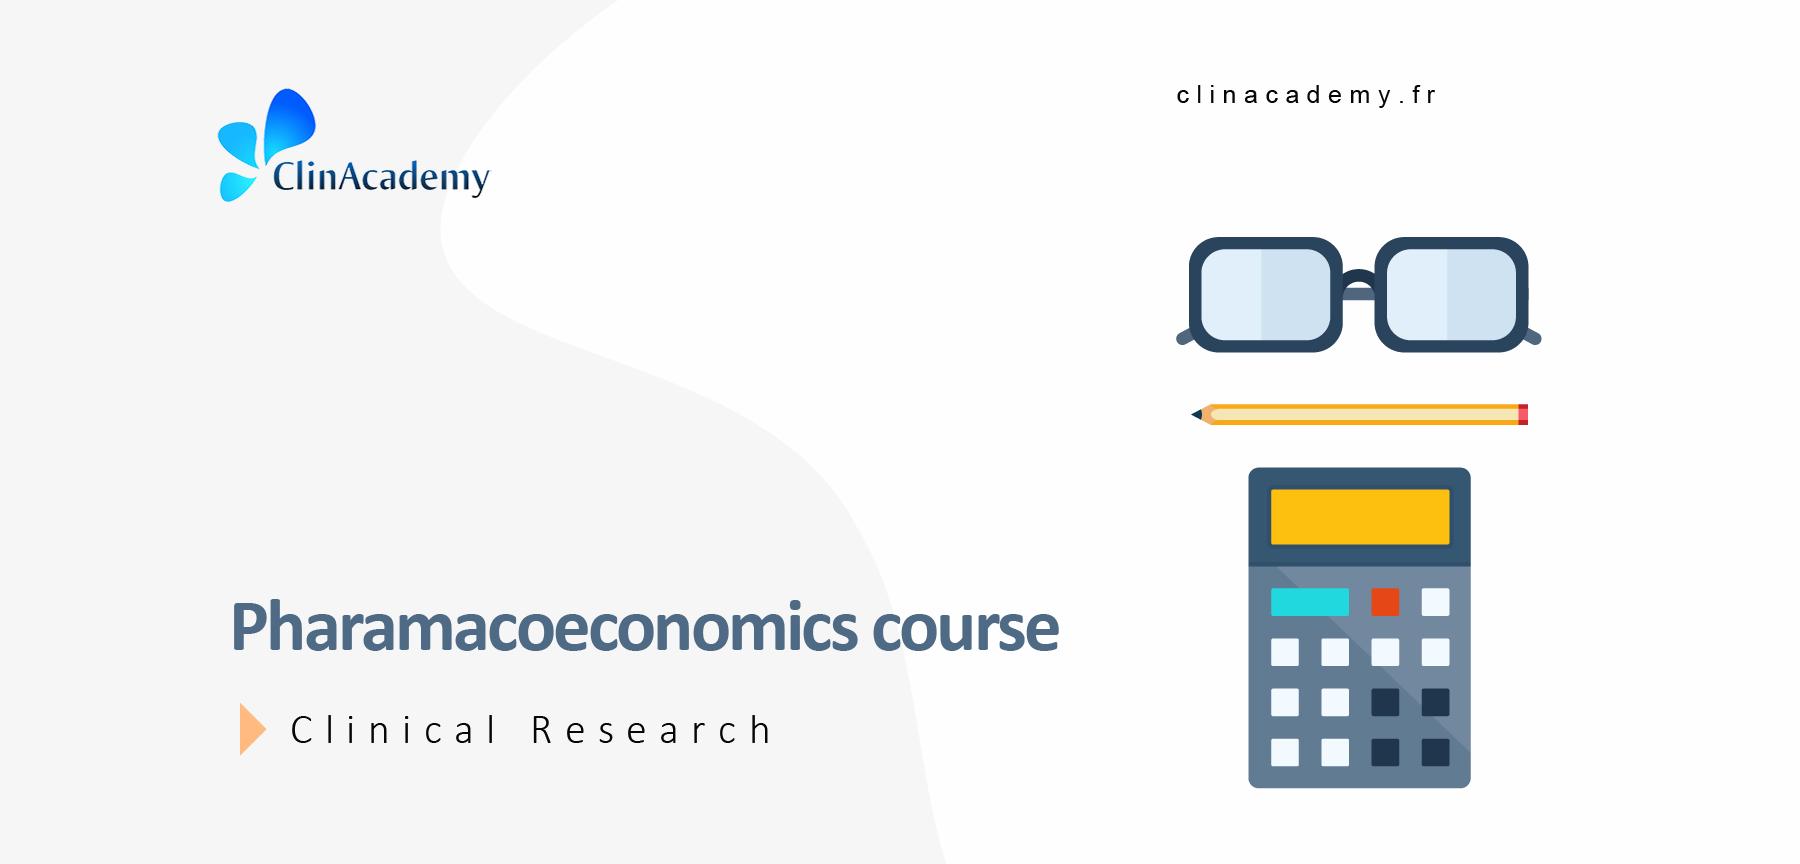 Pharamacoeconomics course